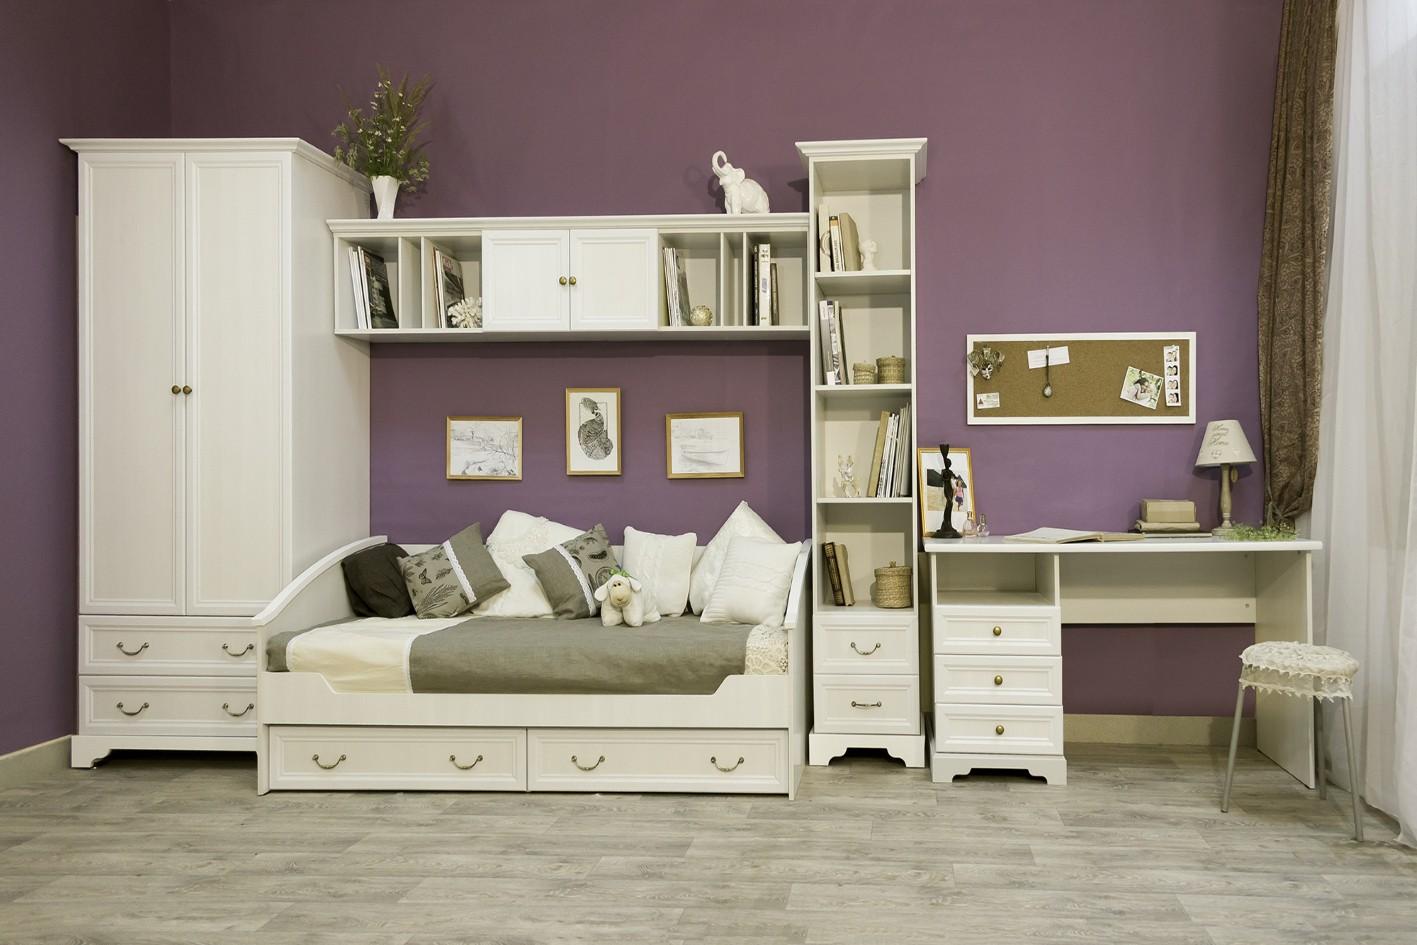 Как выбрать кровать и шкаф